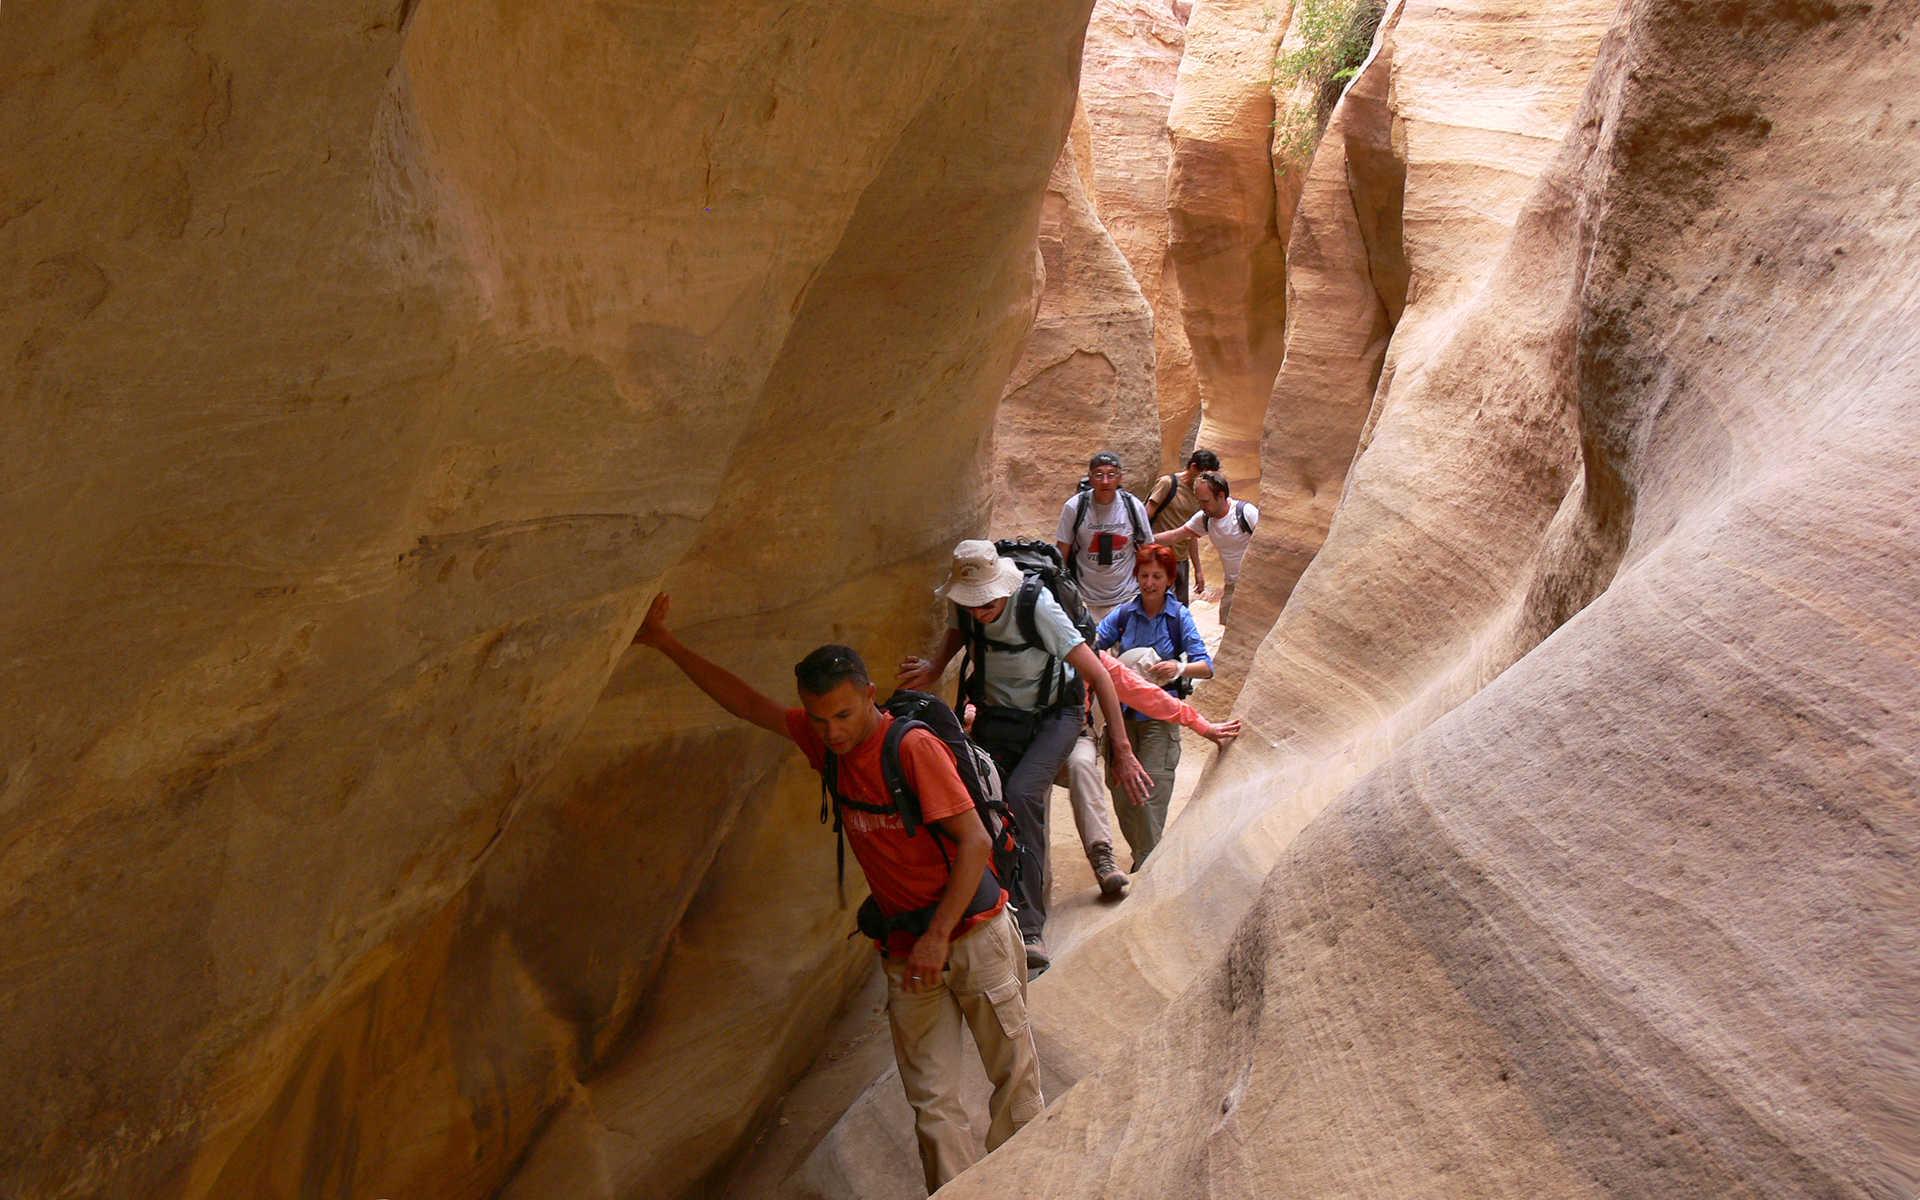 Randonnée dans un canyon de Jordanie